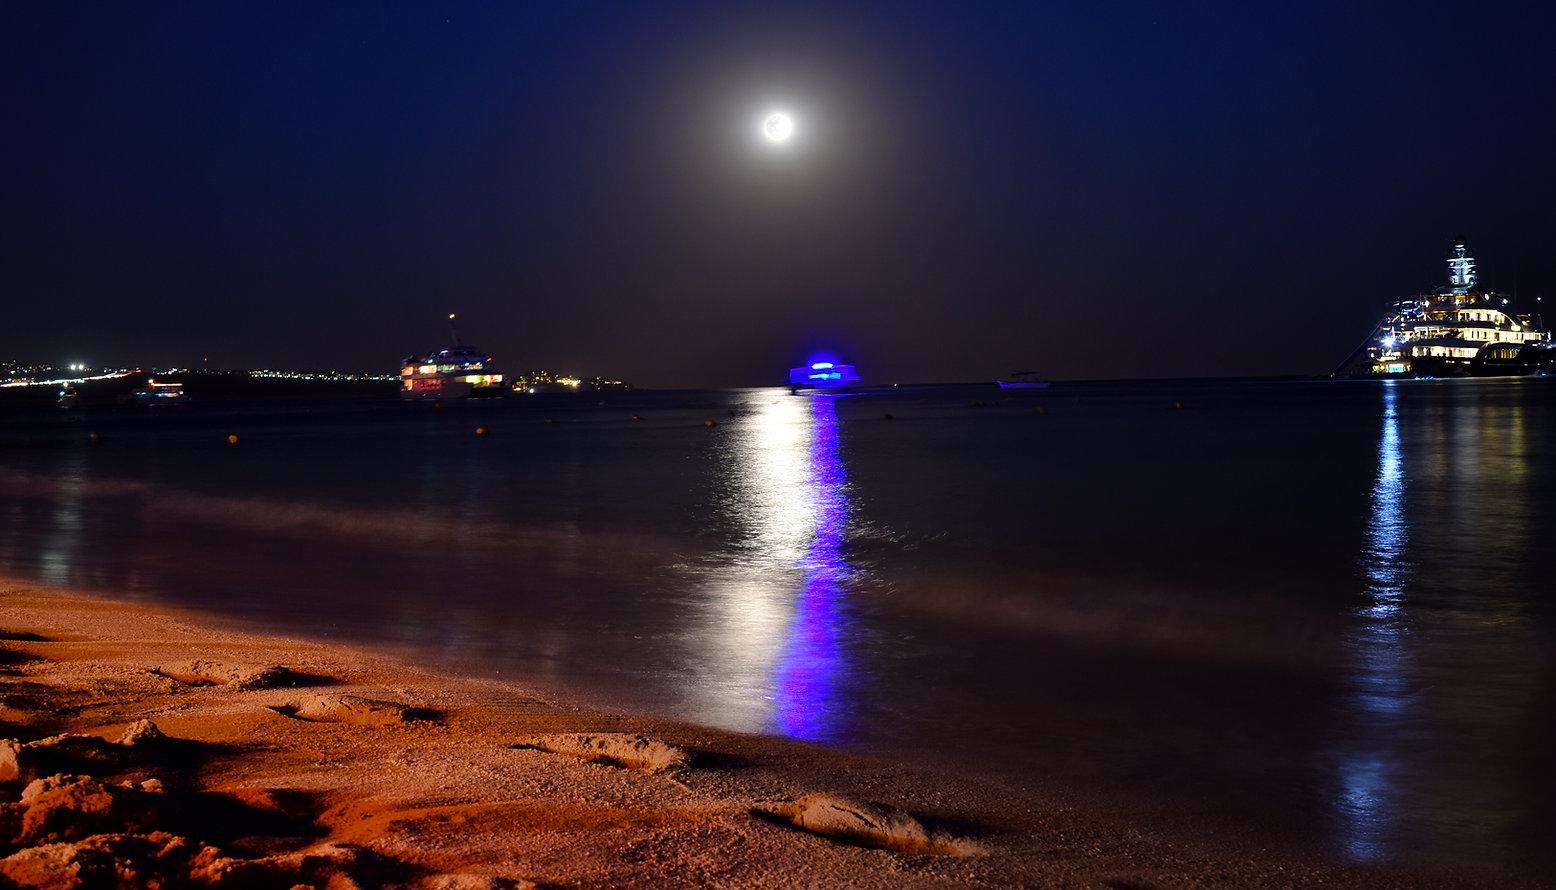 Noche en Playa